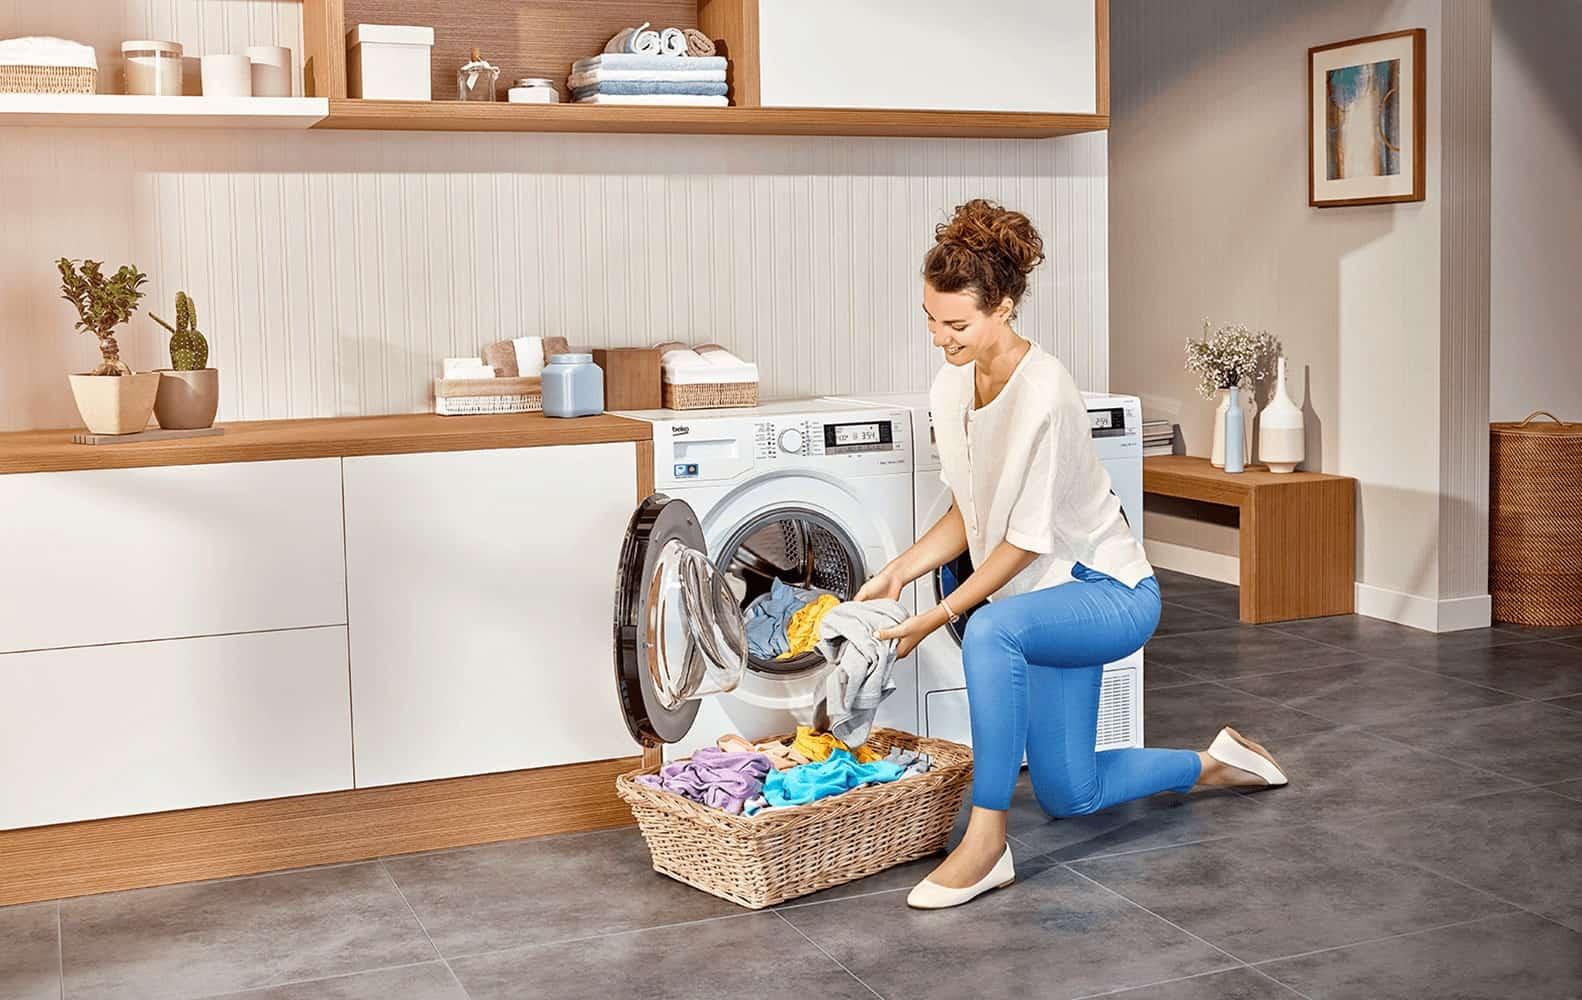 Máy giặt Beko có tốt không? Có nên mua không? [Giải đáp từ chuyên gia]